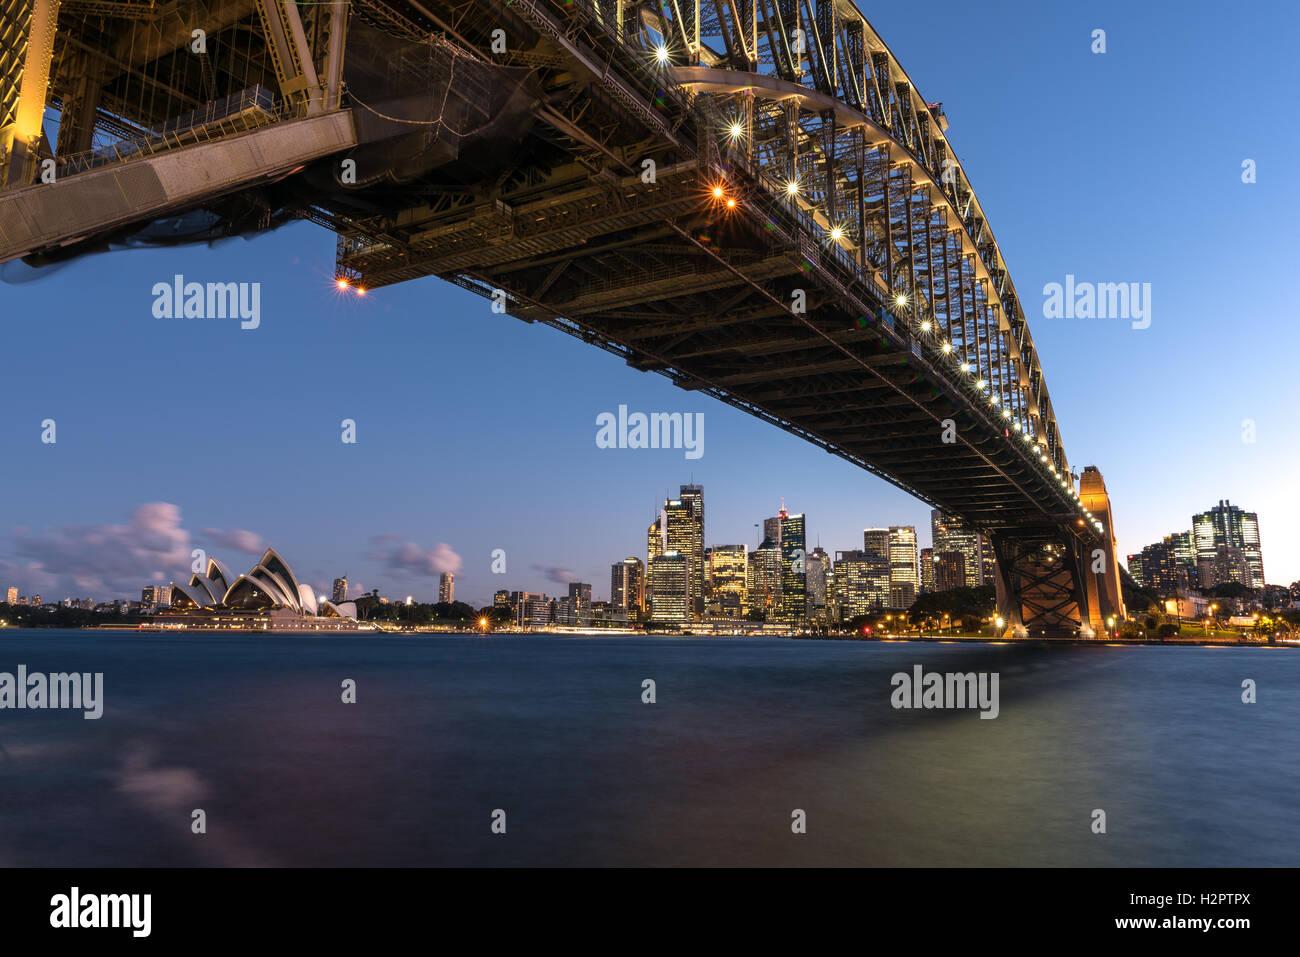 Opéra de Sydney et le Sydney Central Business District encadrée par le Sydney Harbour Bridge Banque D'Images